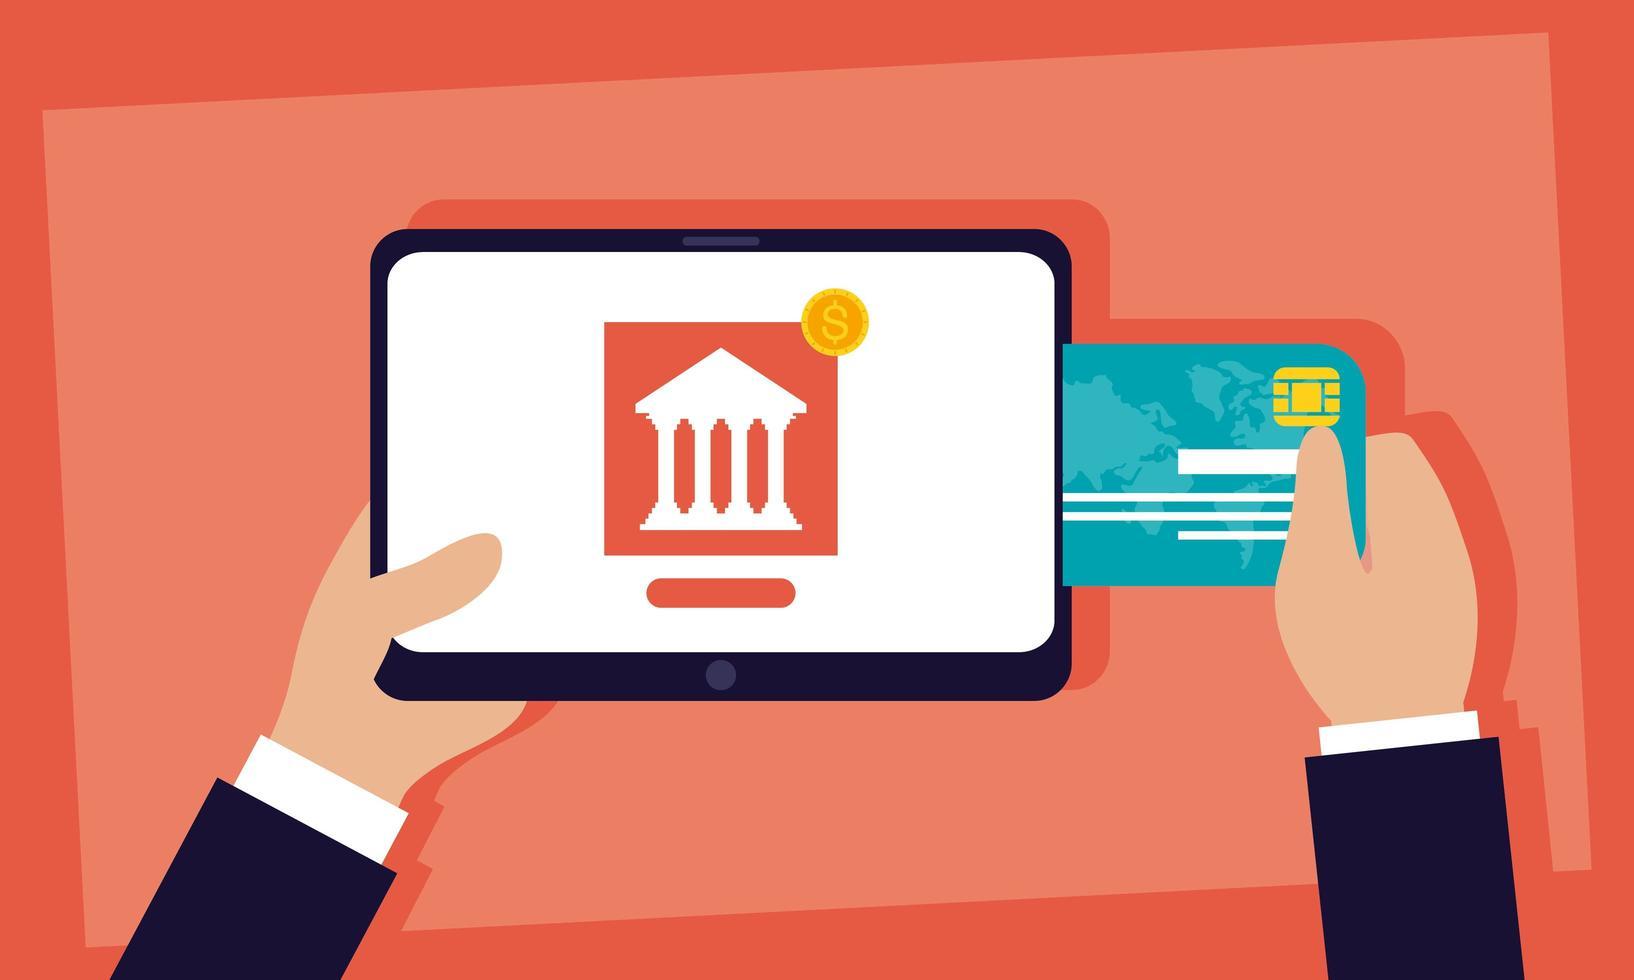 technologie voor online bankieren met tablet vector